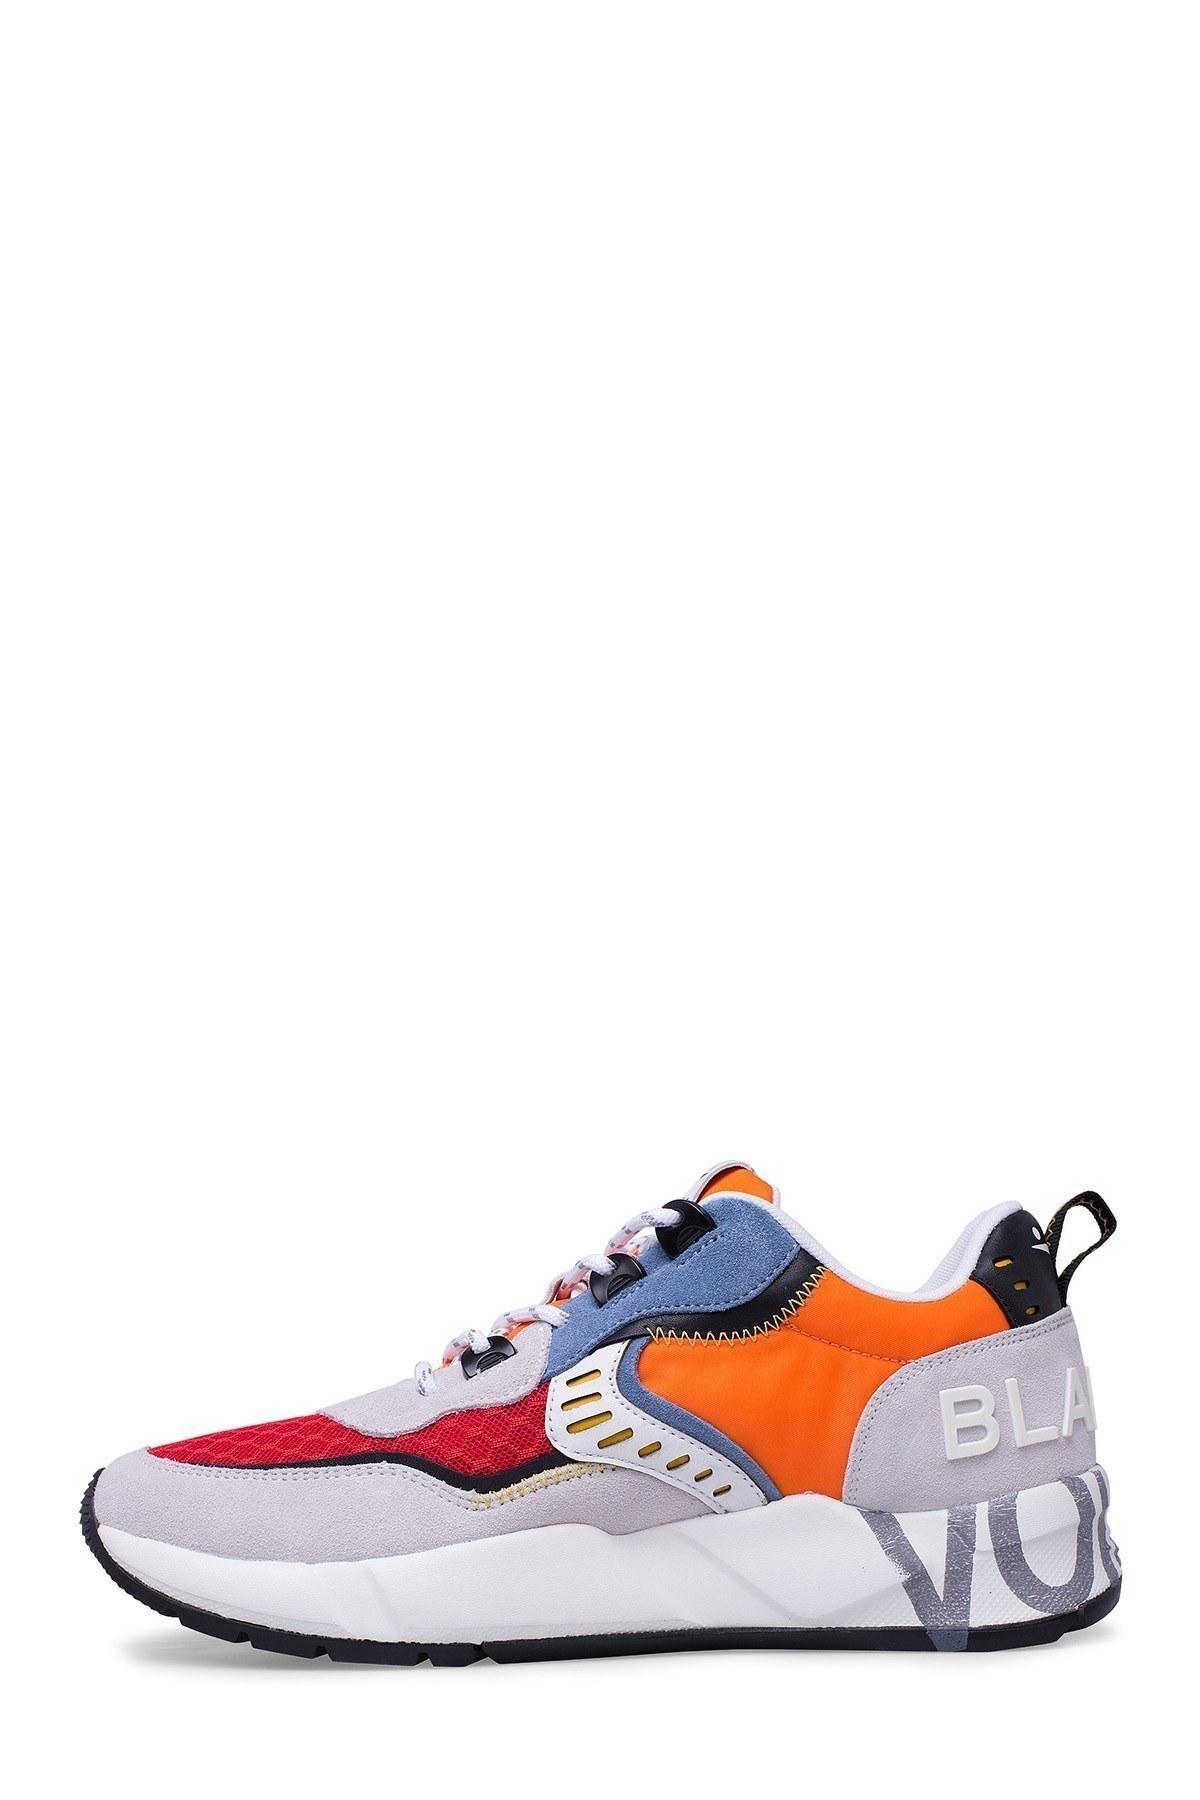 Voile Blanche Erkek Ayakkabı 0012014828.01.1N10 BEYAZ-KIRMIZI